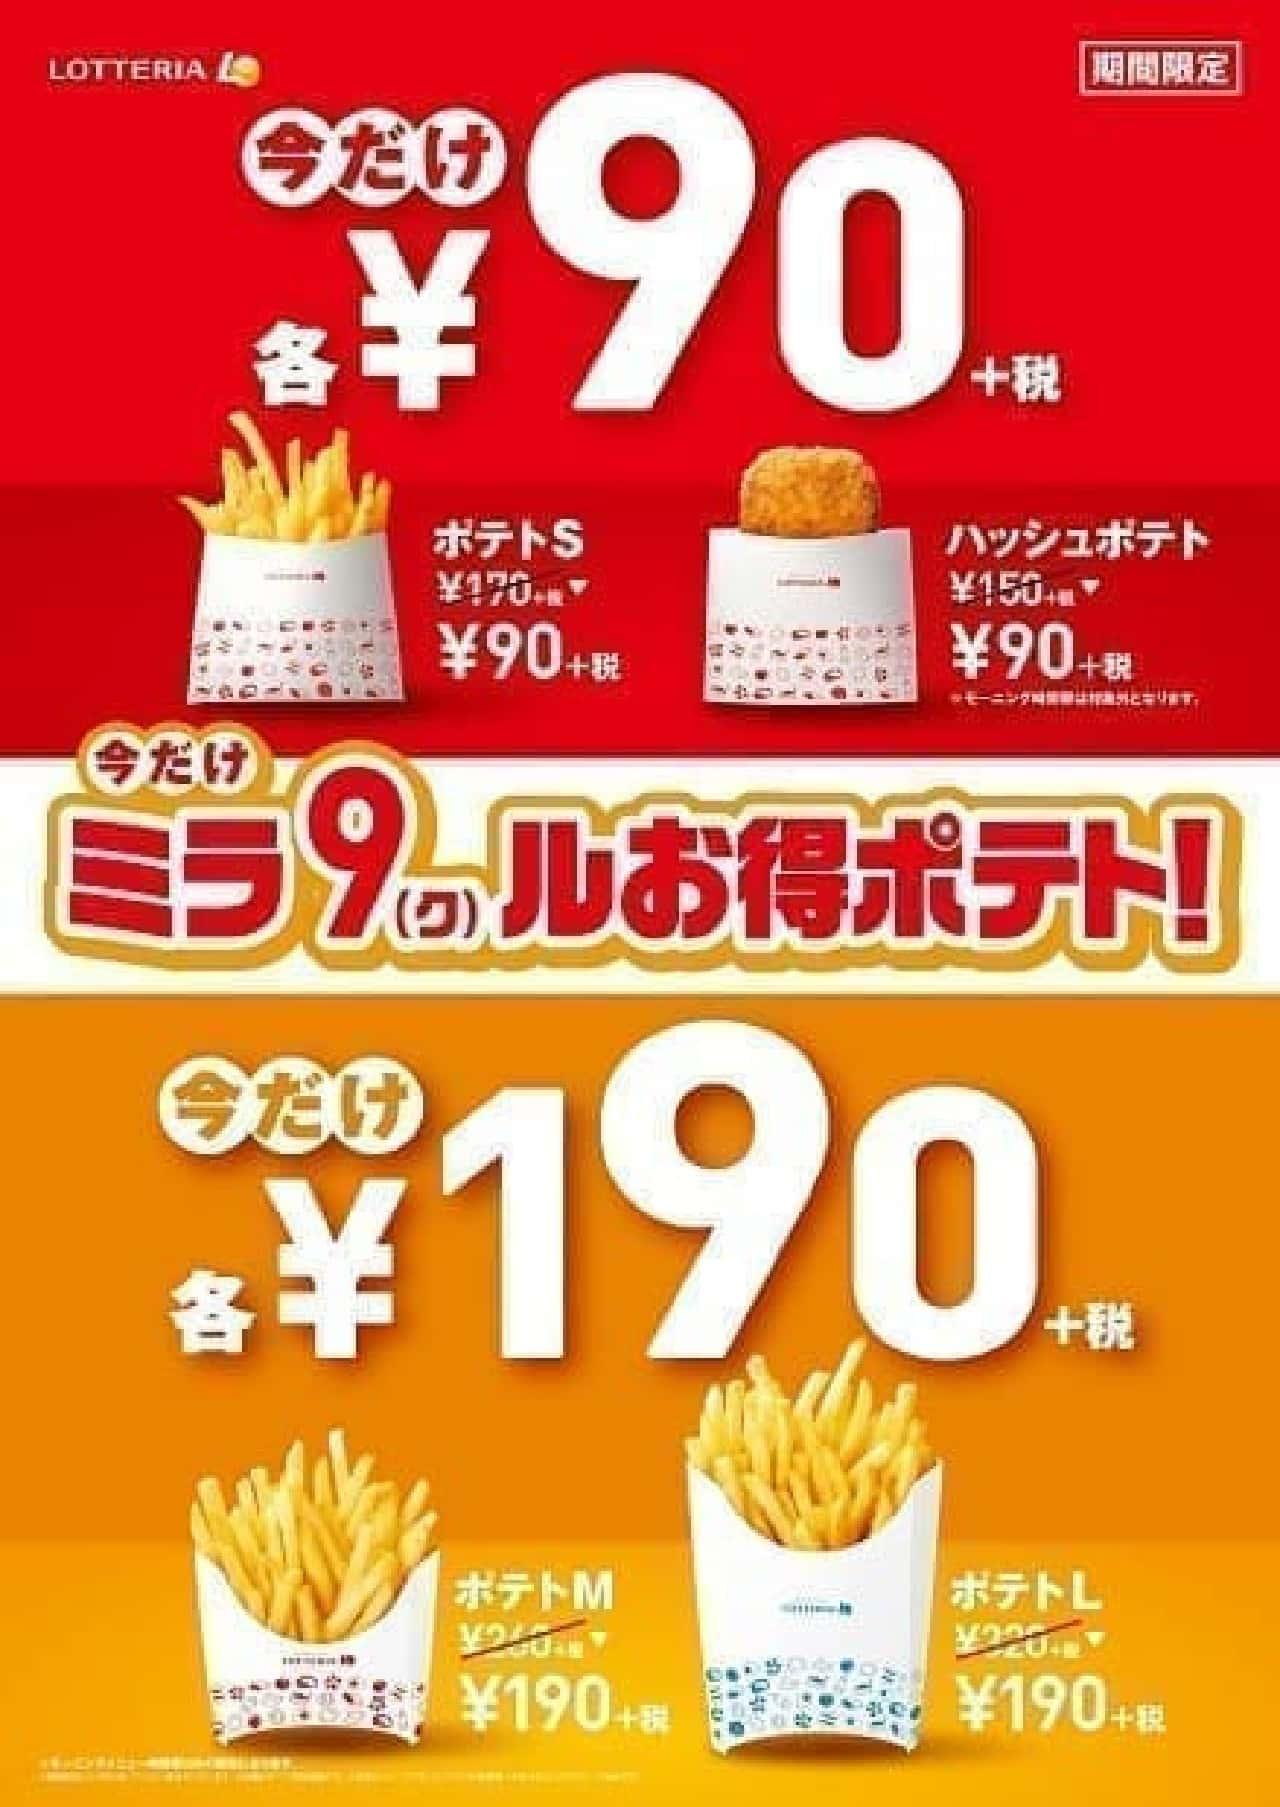 ロッテリア「今だけミラ9(ク)ルお得ポテト!」